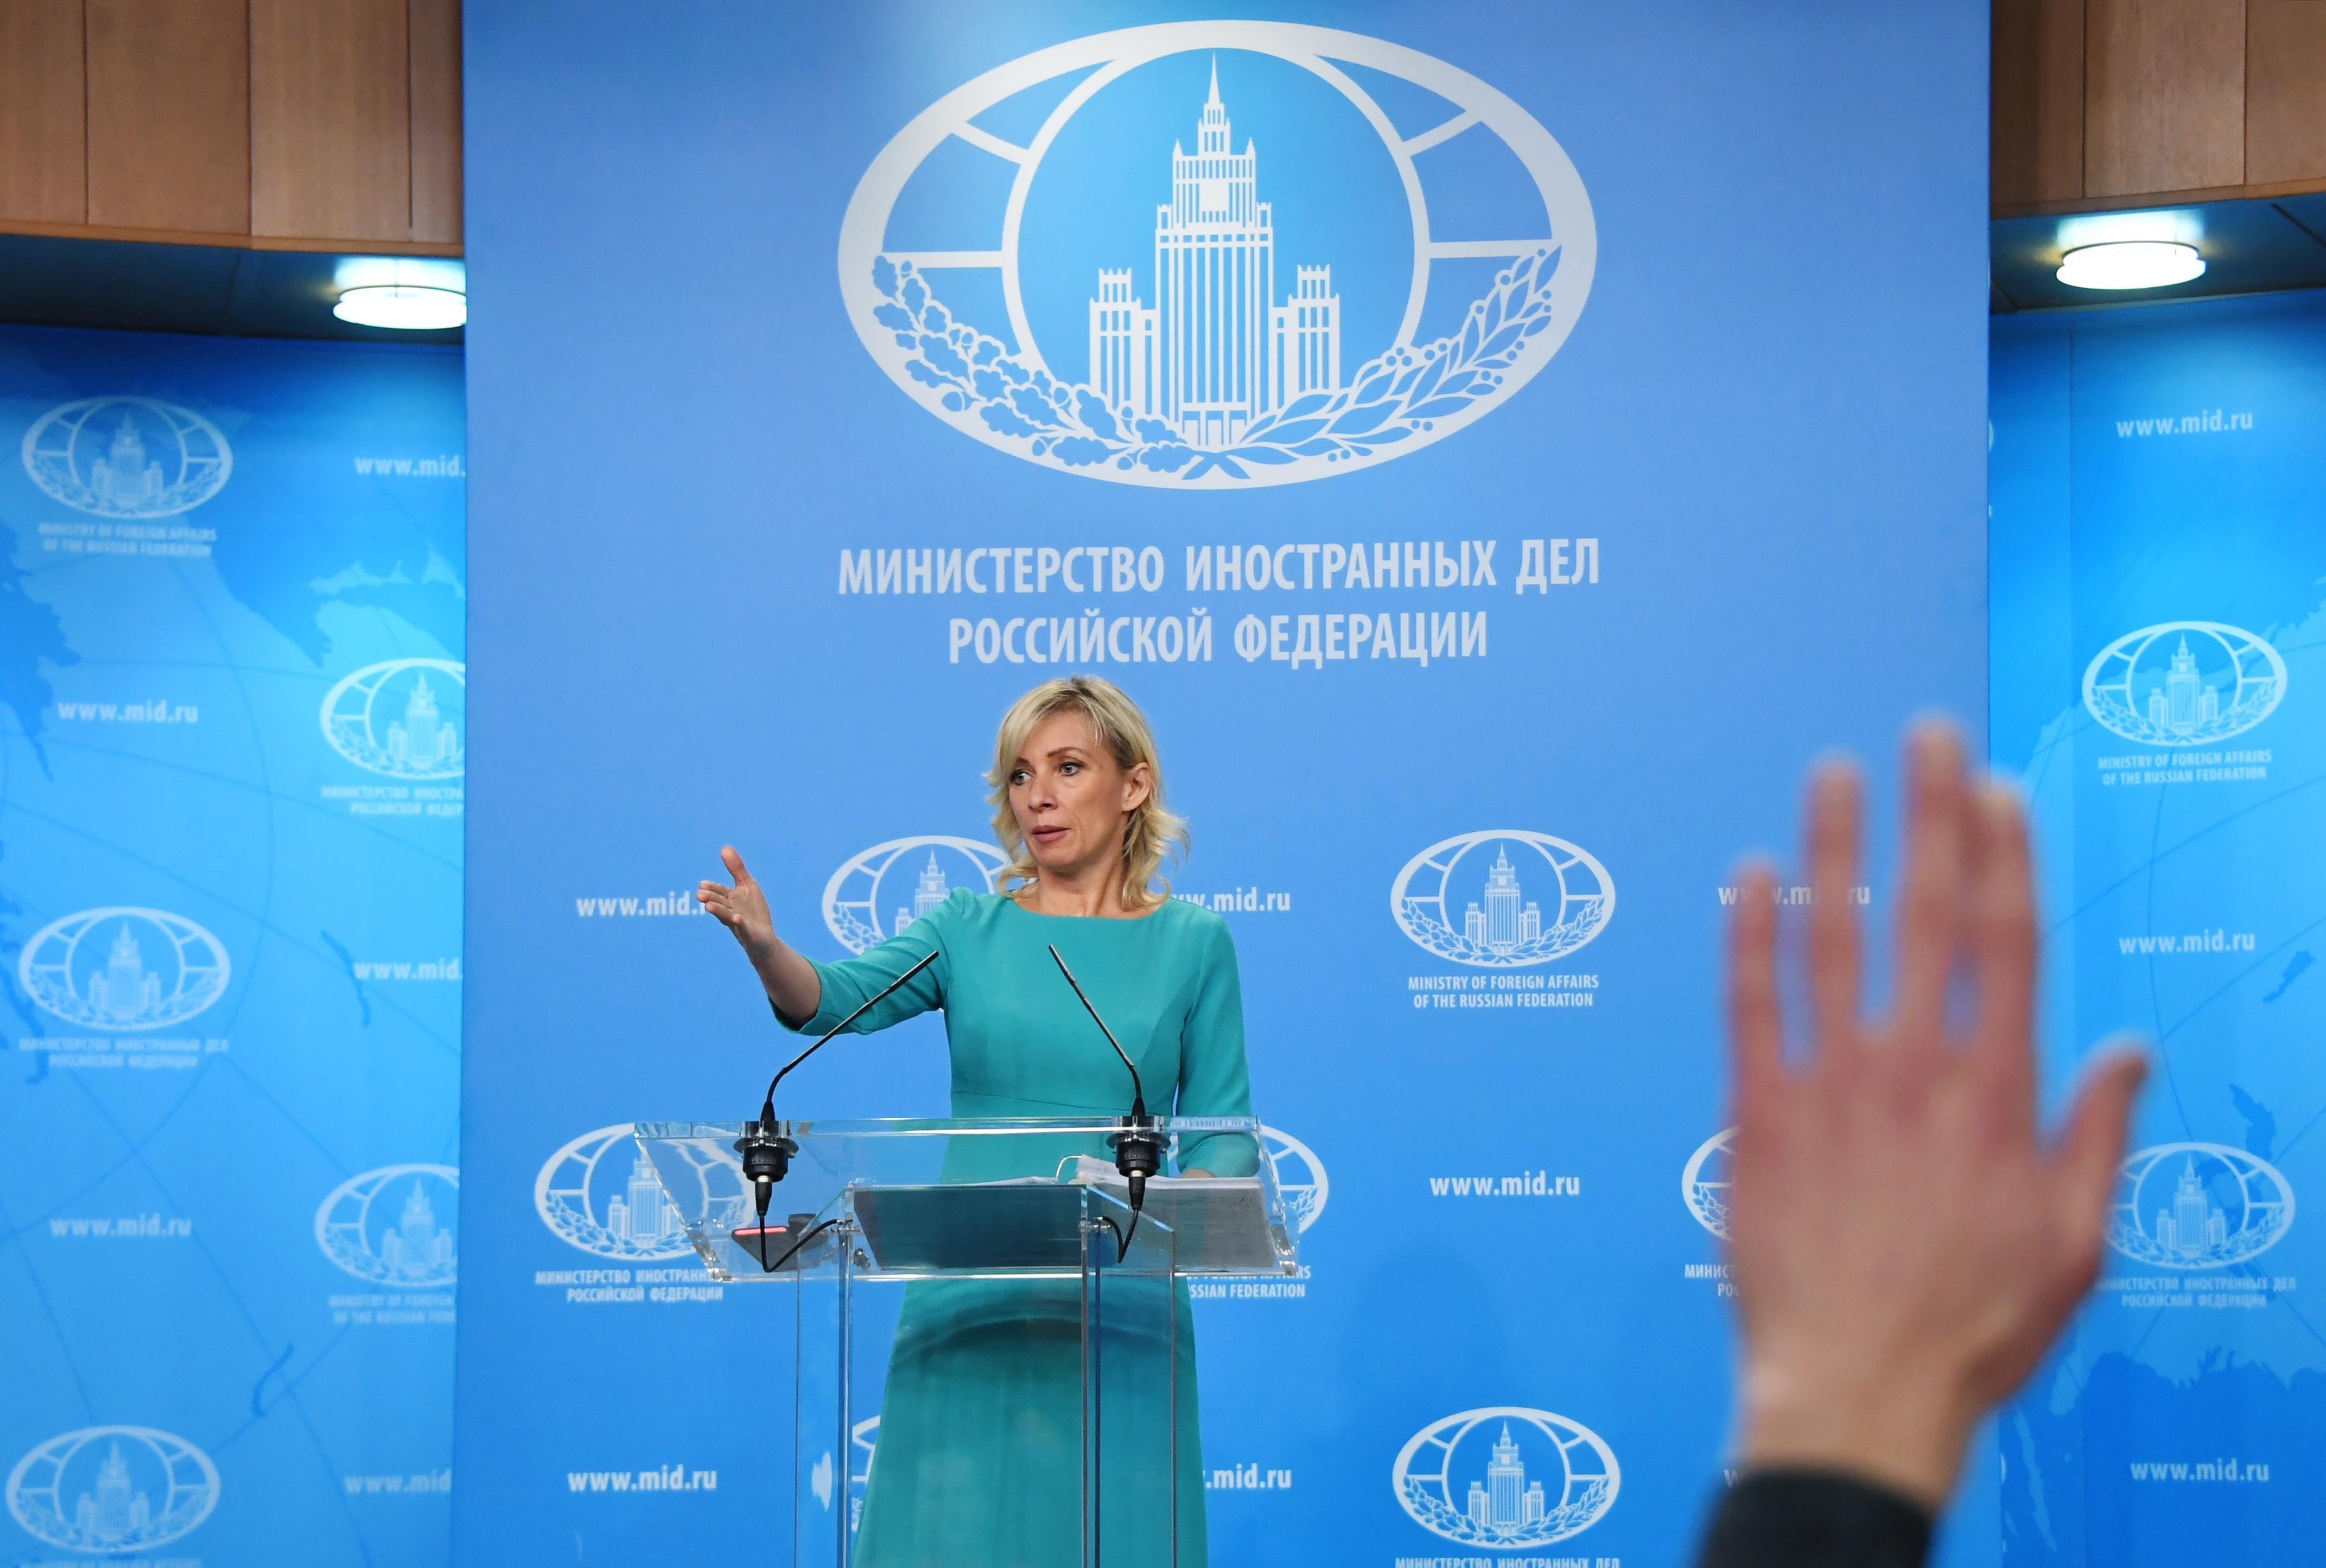 <p><span>Мария Захарова на брифинге. Фото: &copy;РИА Новости/ Илья Питалев</span></p>